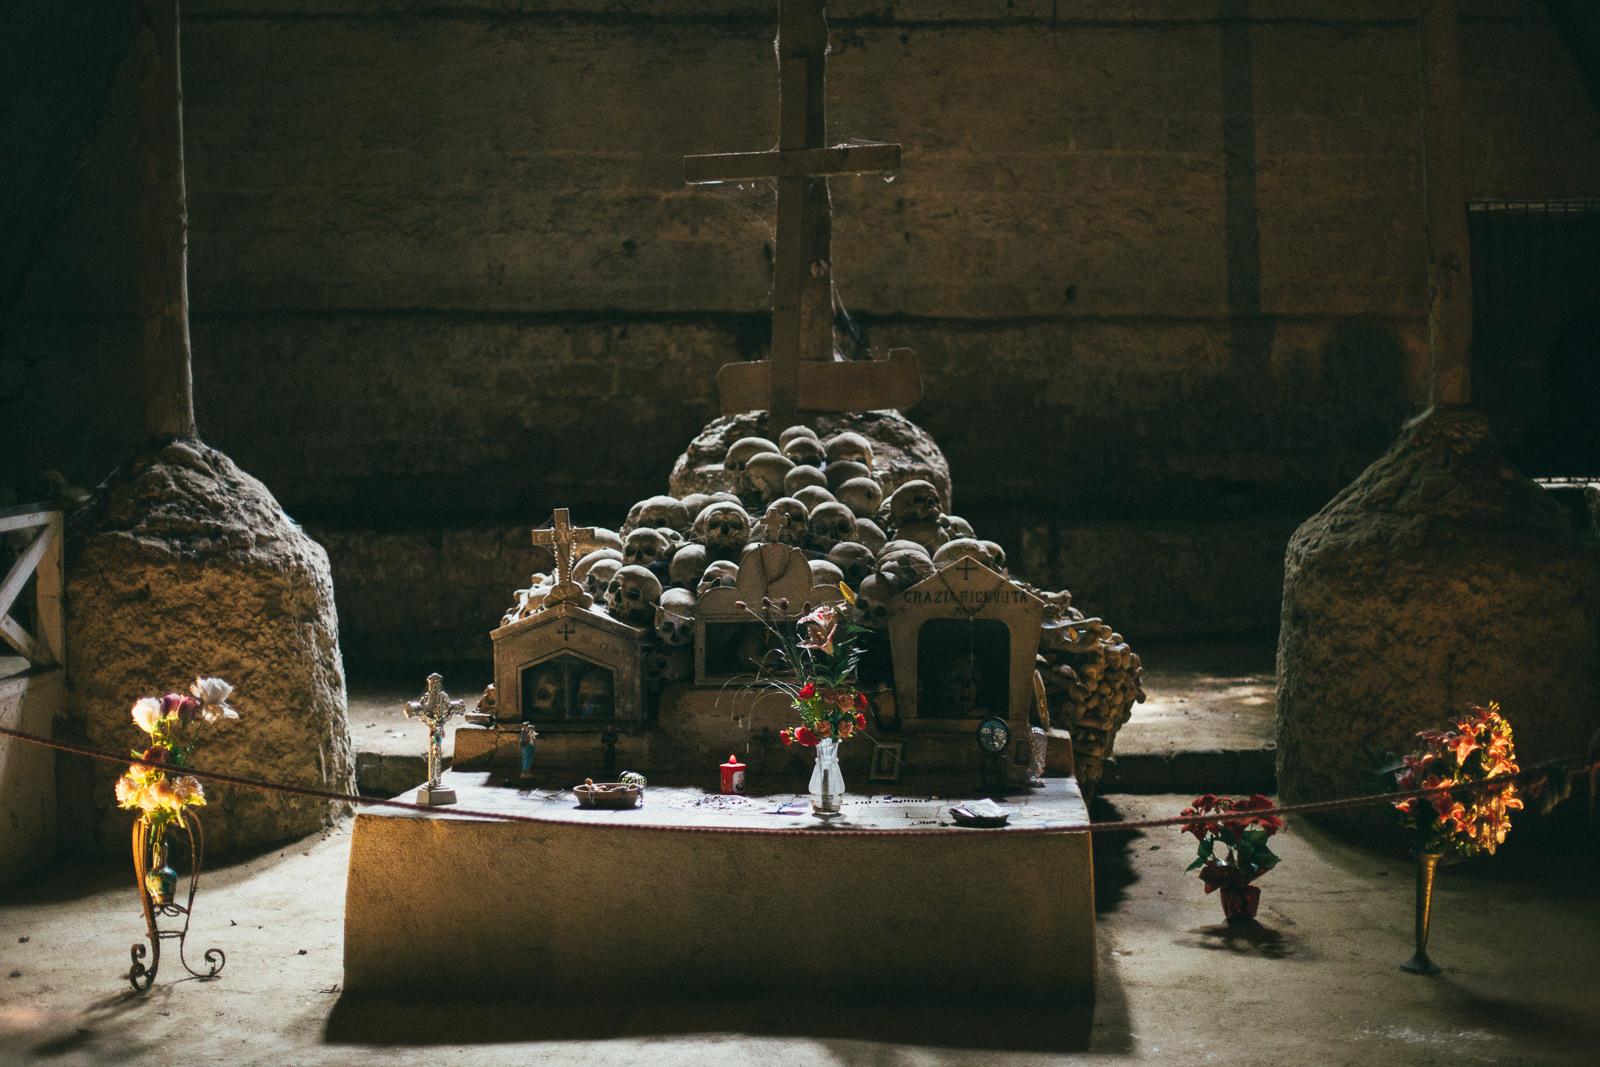 Cimiterio-delle-Fontanelle-atrakcje-neapolu